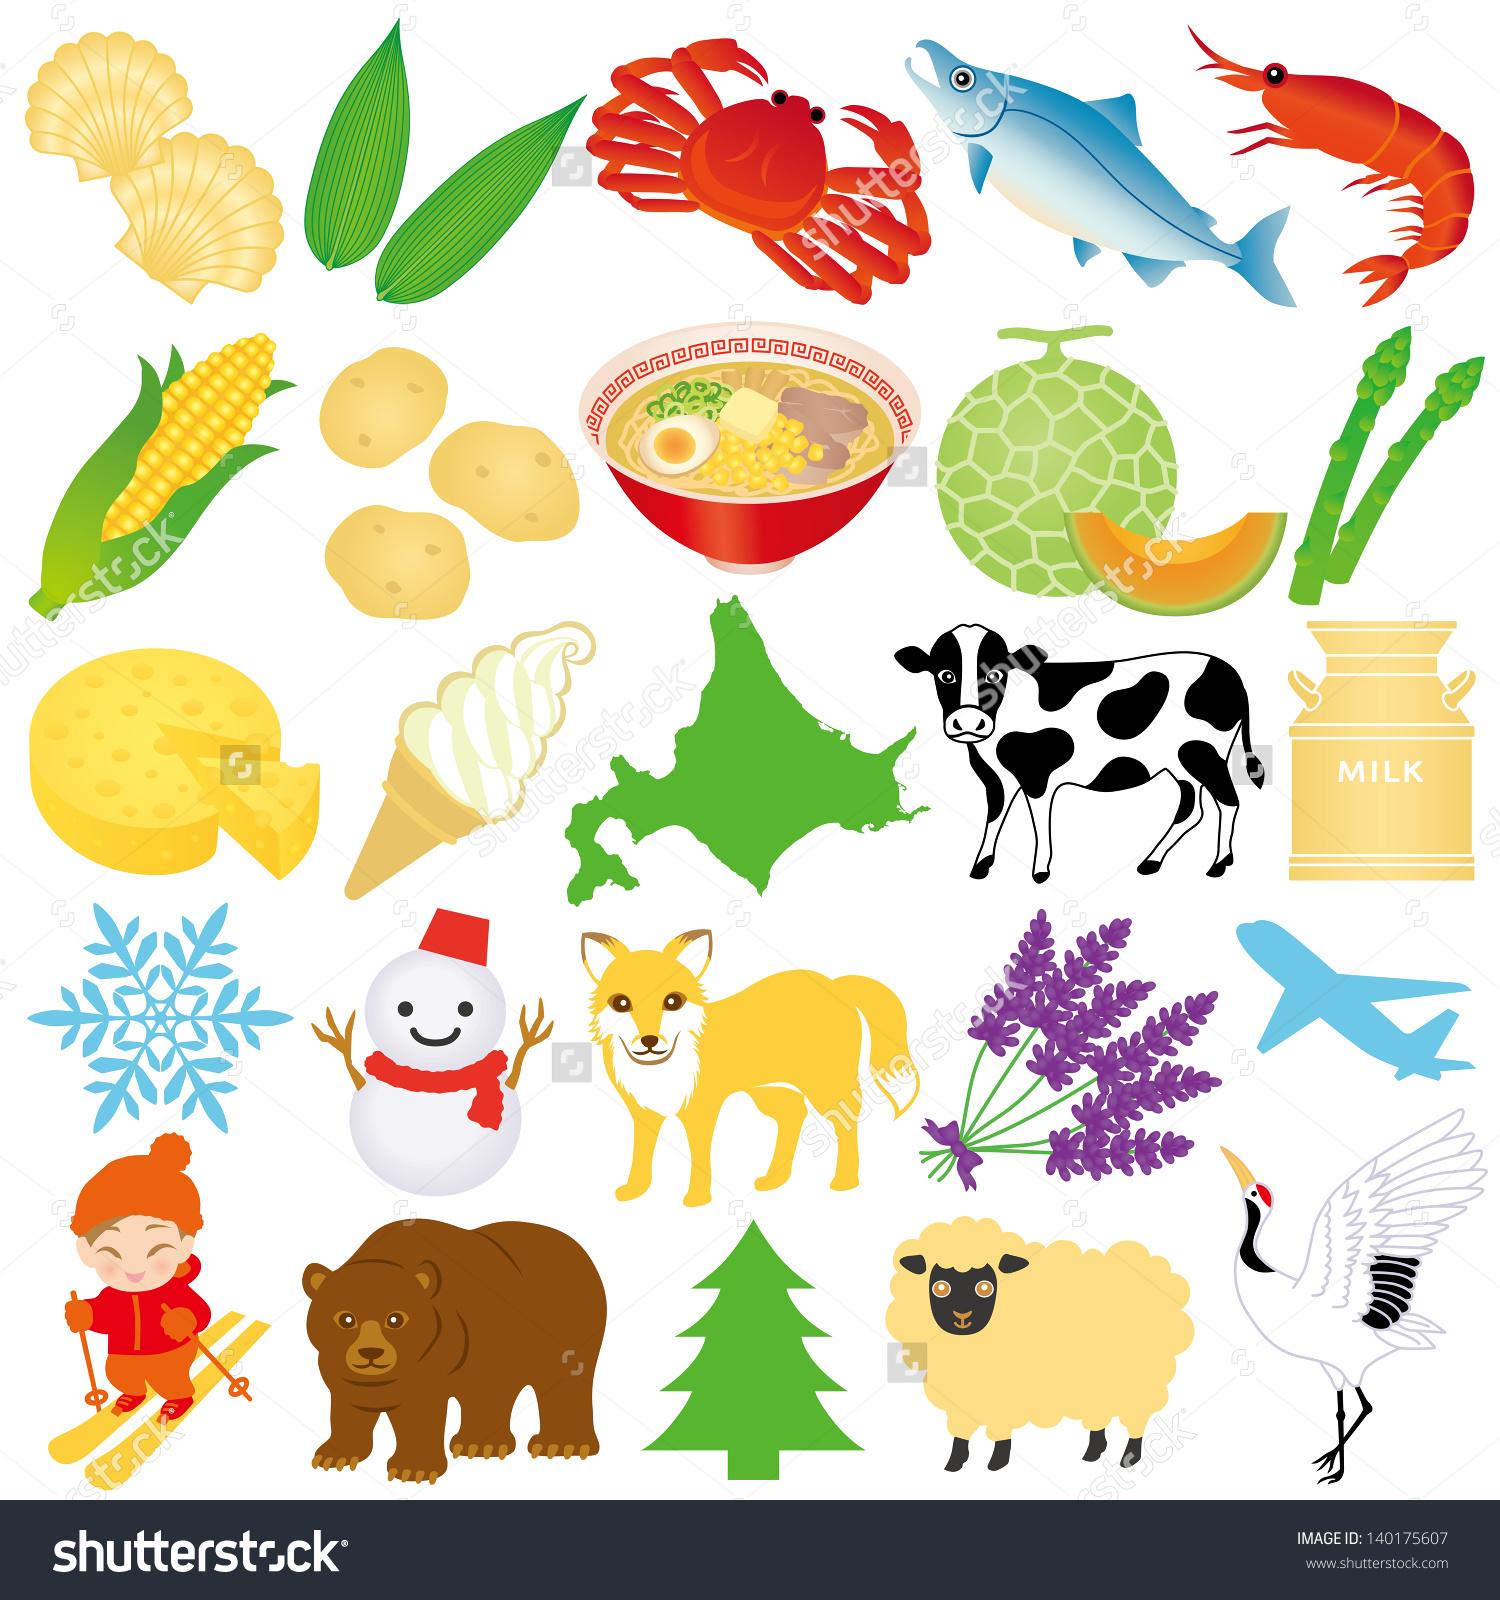 Hokkaido Illustrations Stock Vector 140175607.